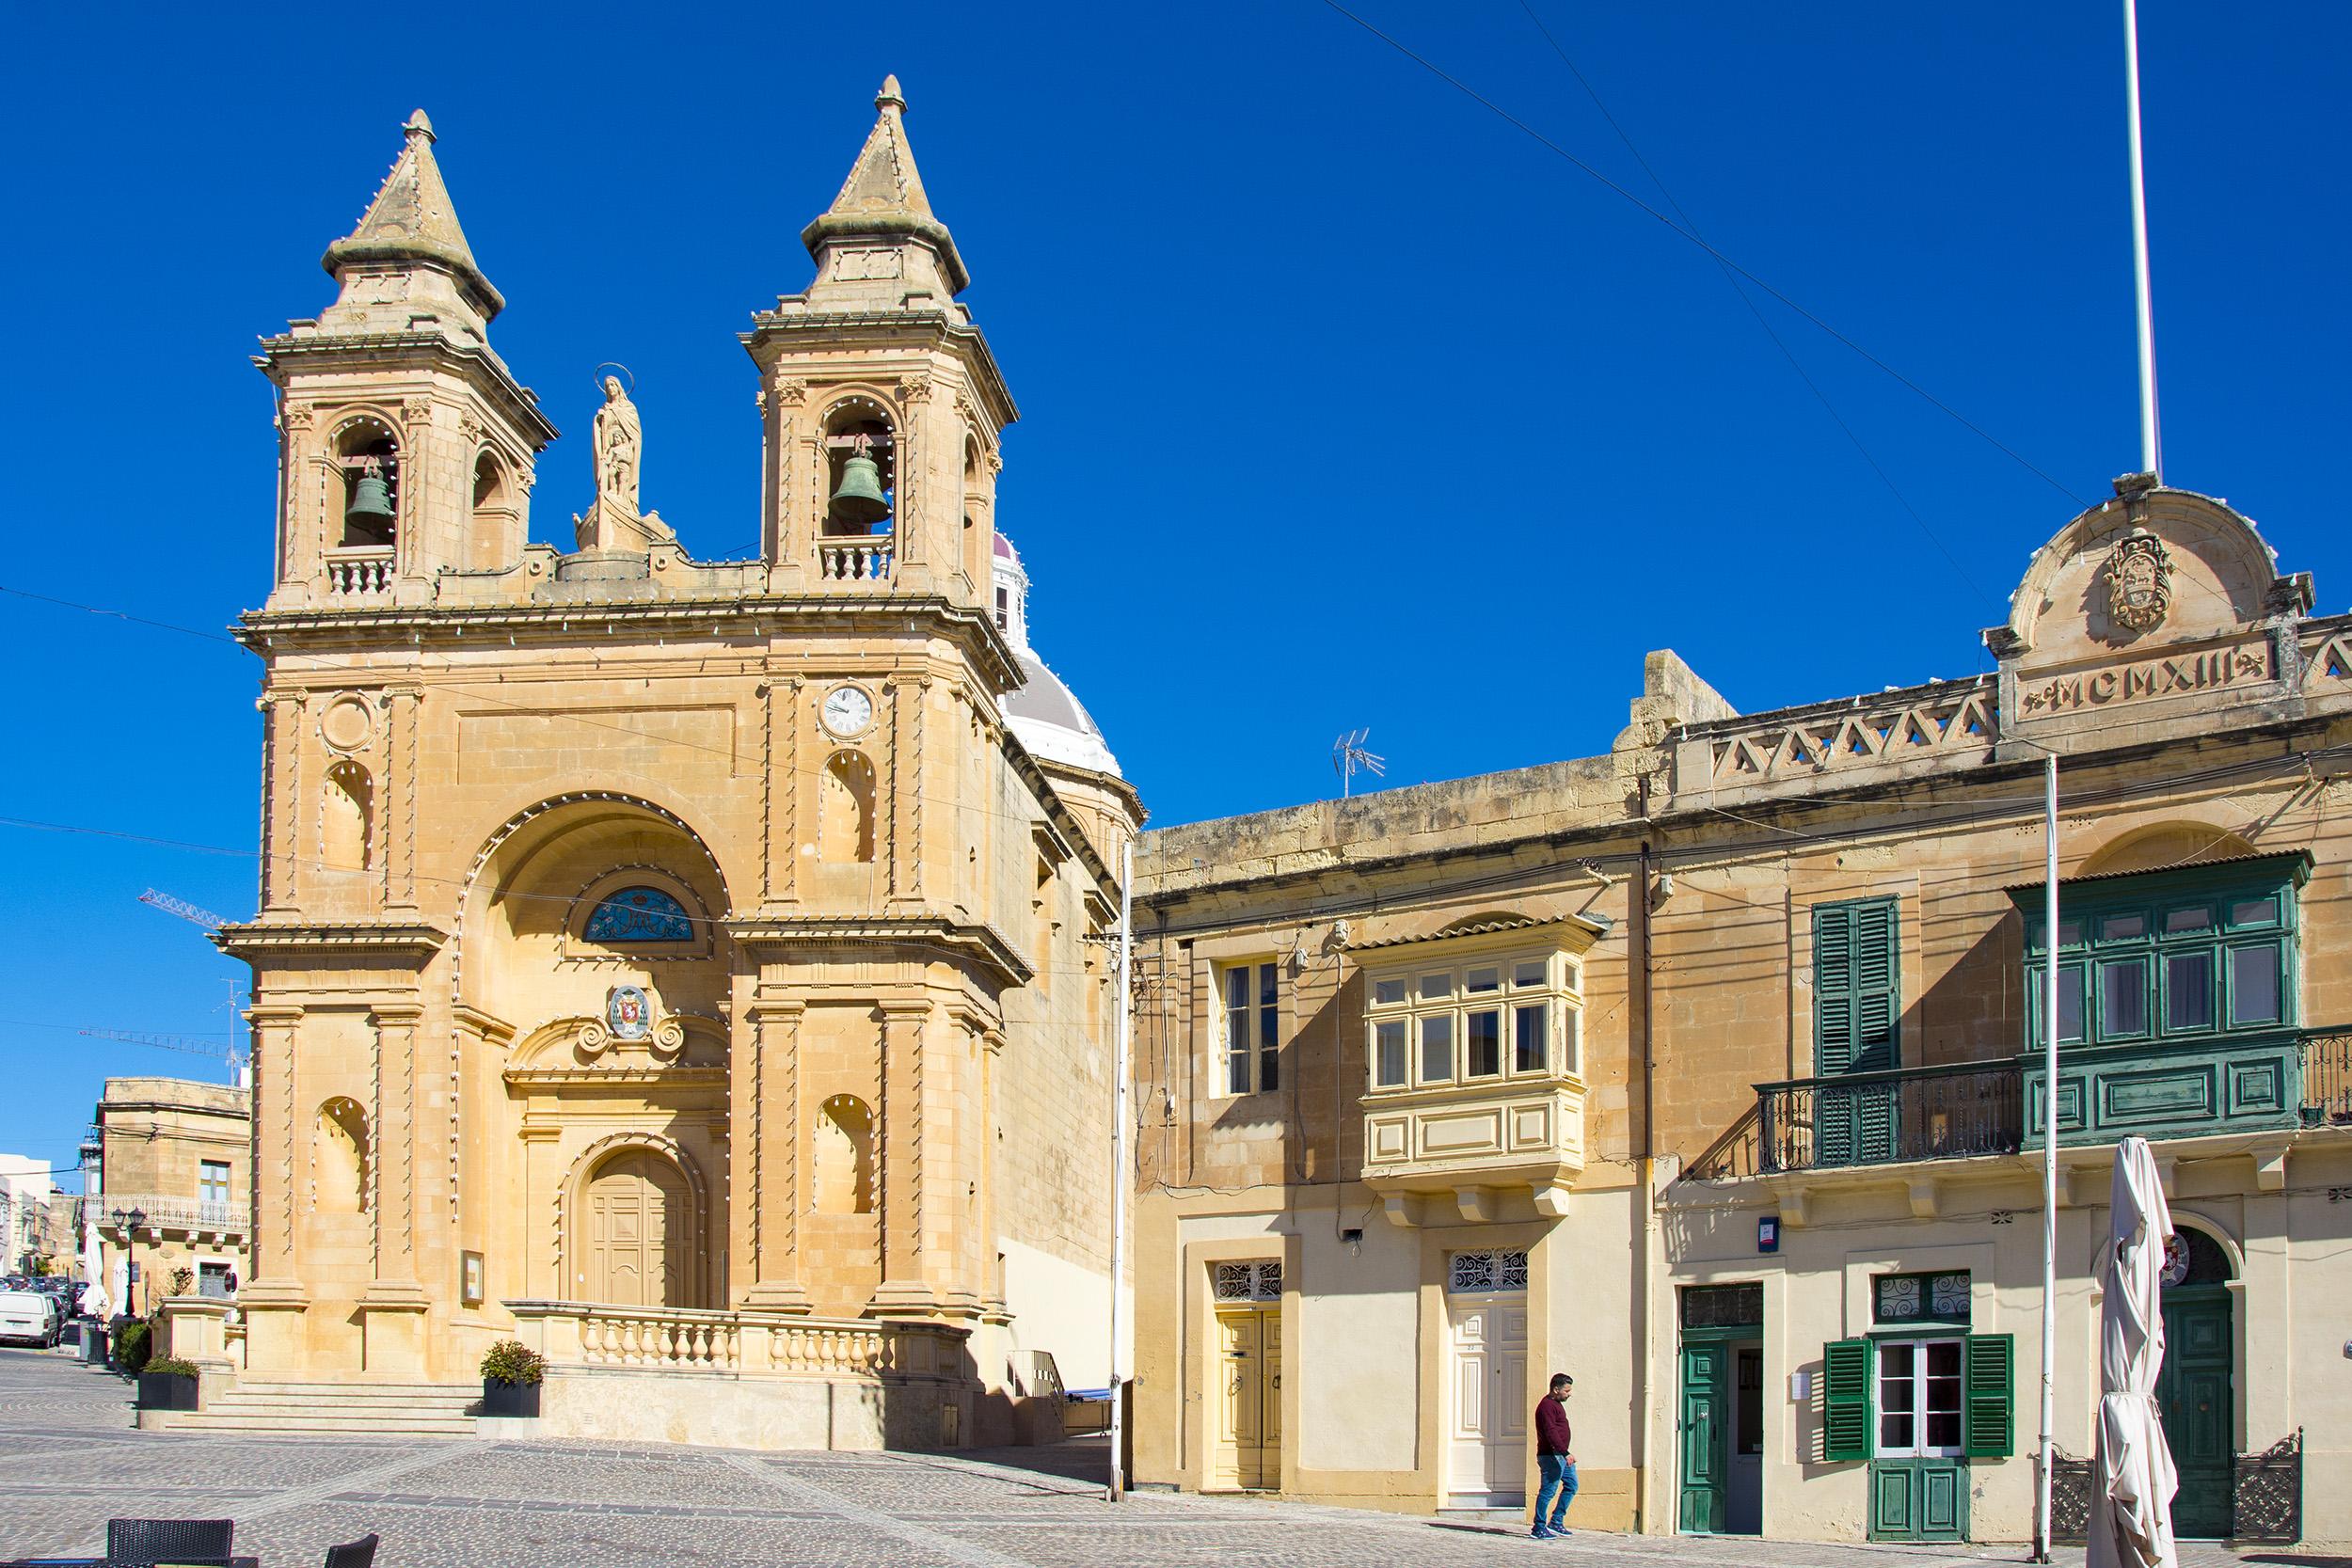 Marsaxlokk Malta Our Lady of Pompeii